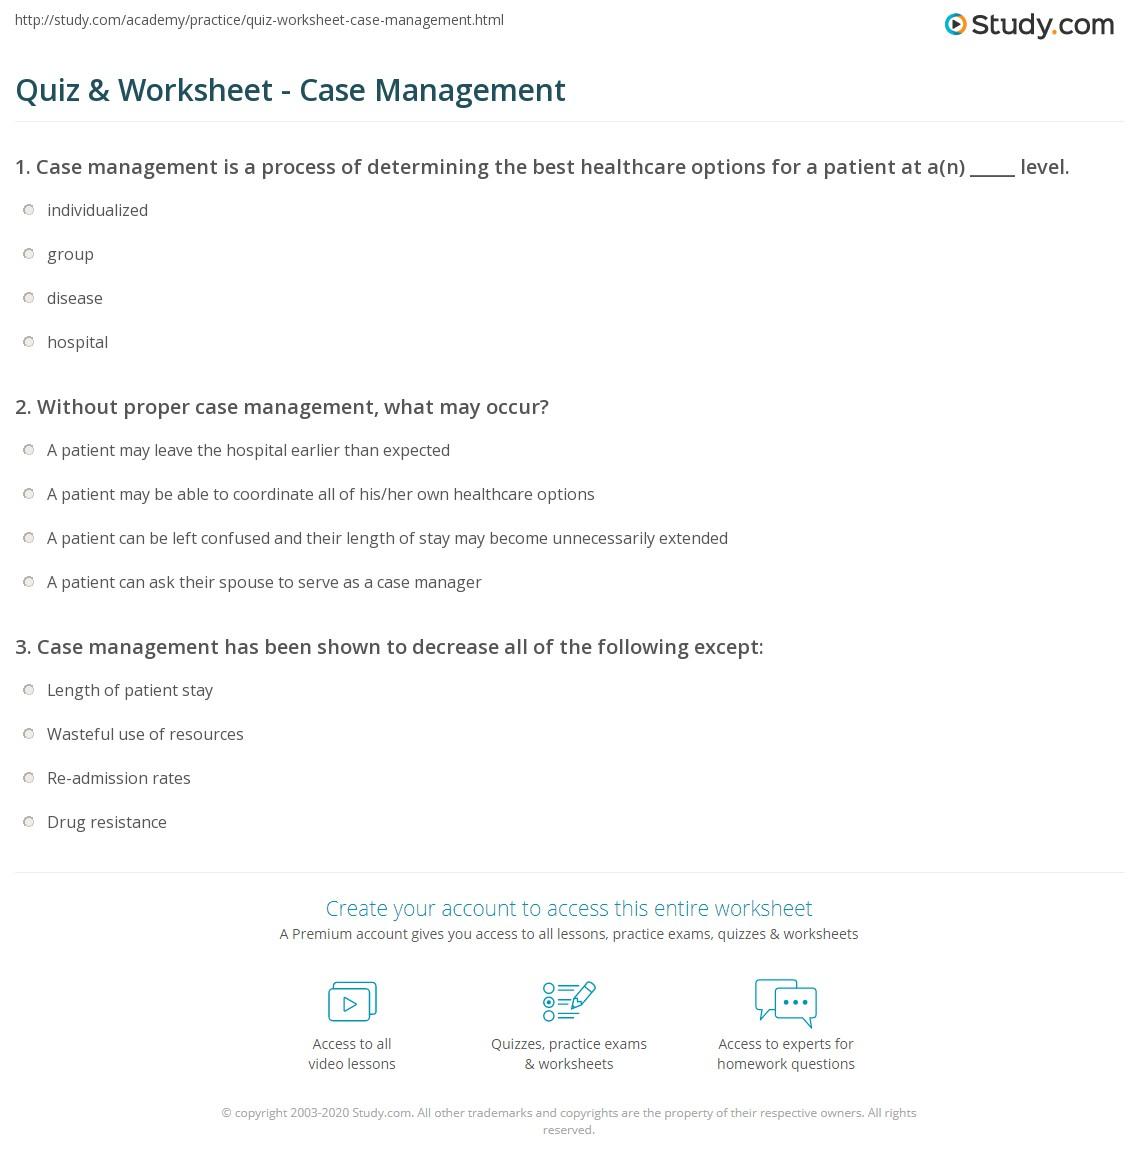 quiz & worksheet - case management | study